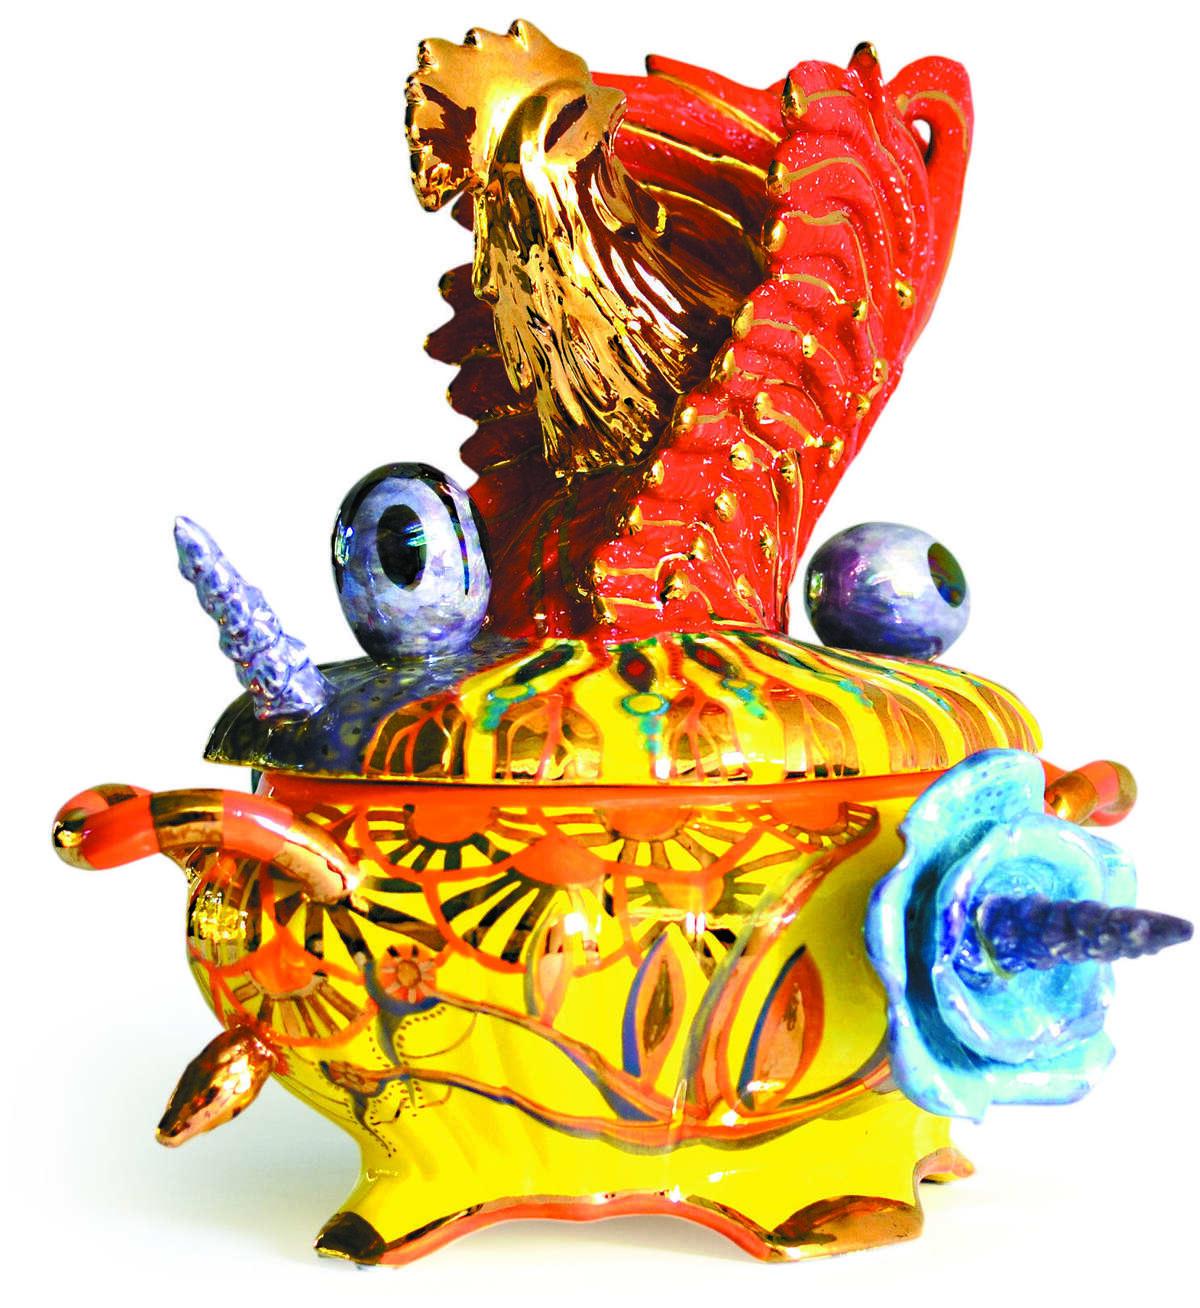 The exhibit also includes Leiva's exuberant, colorful ceramics.